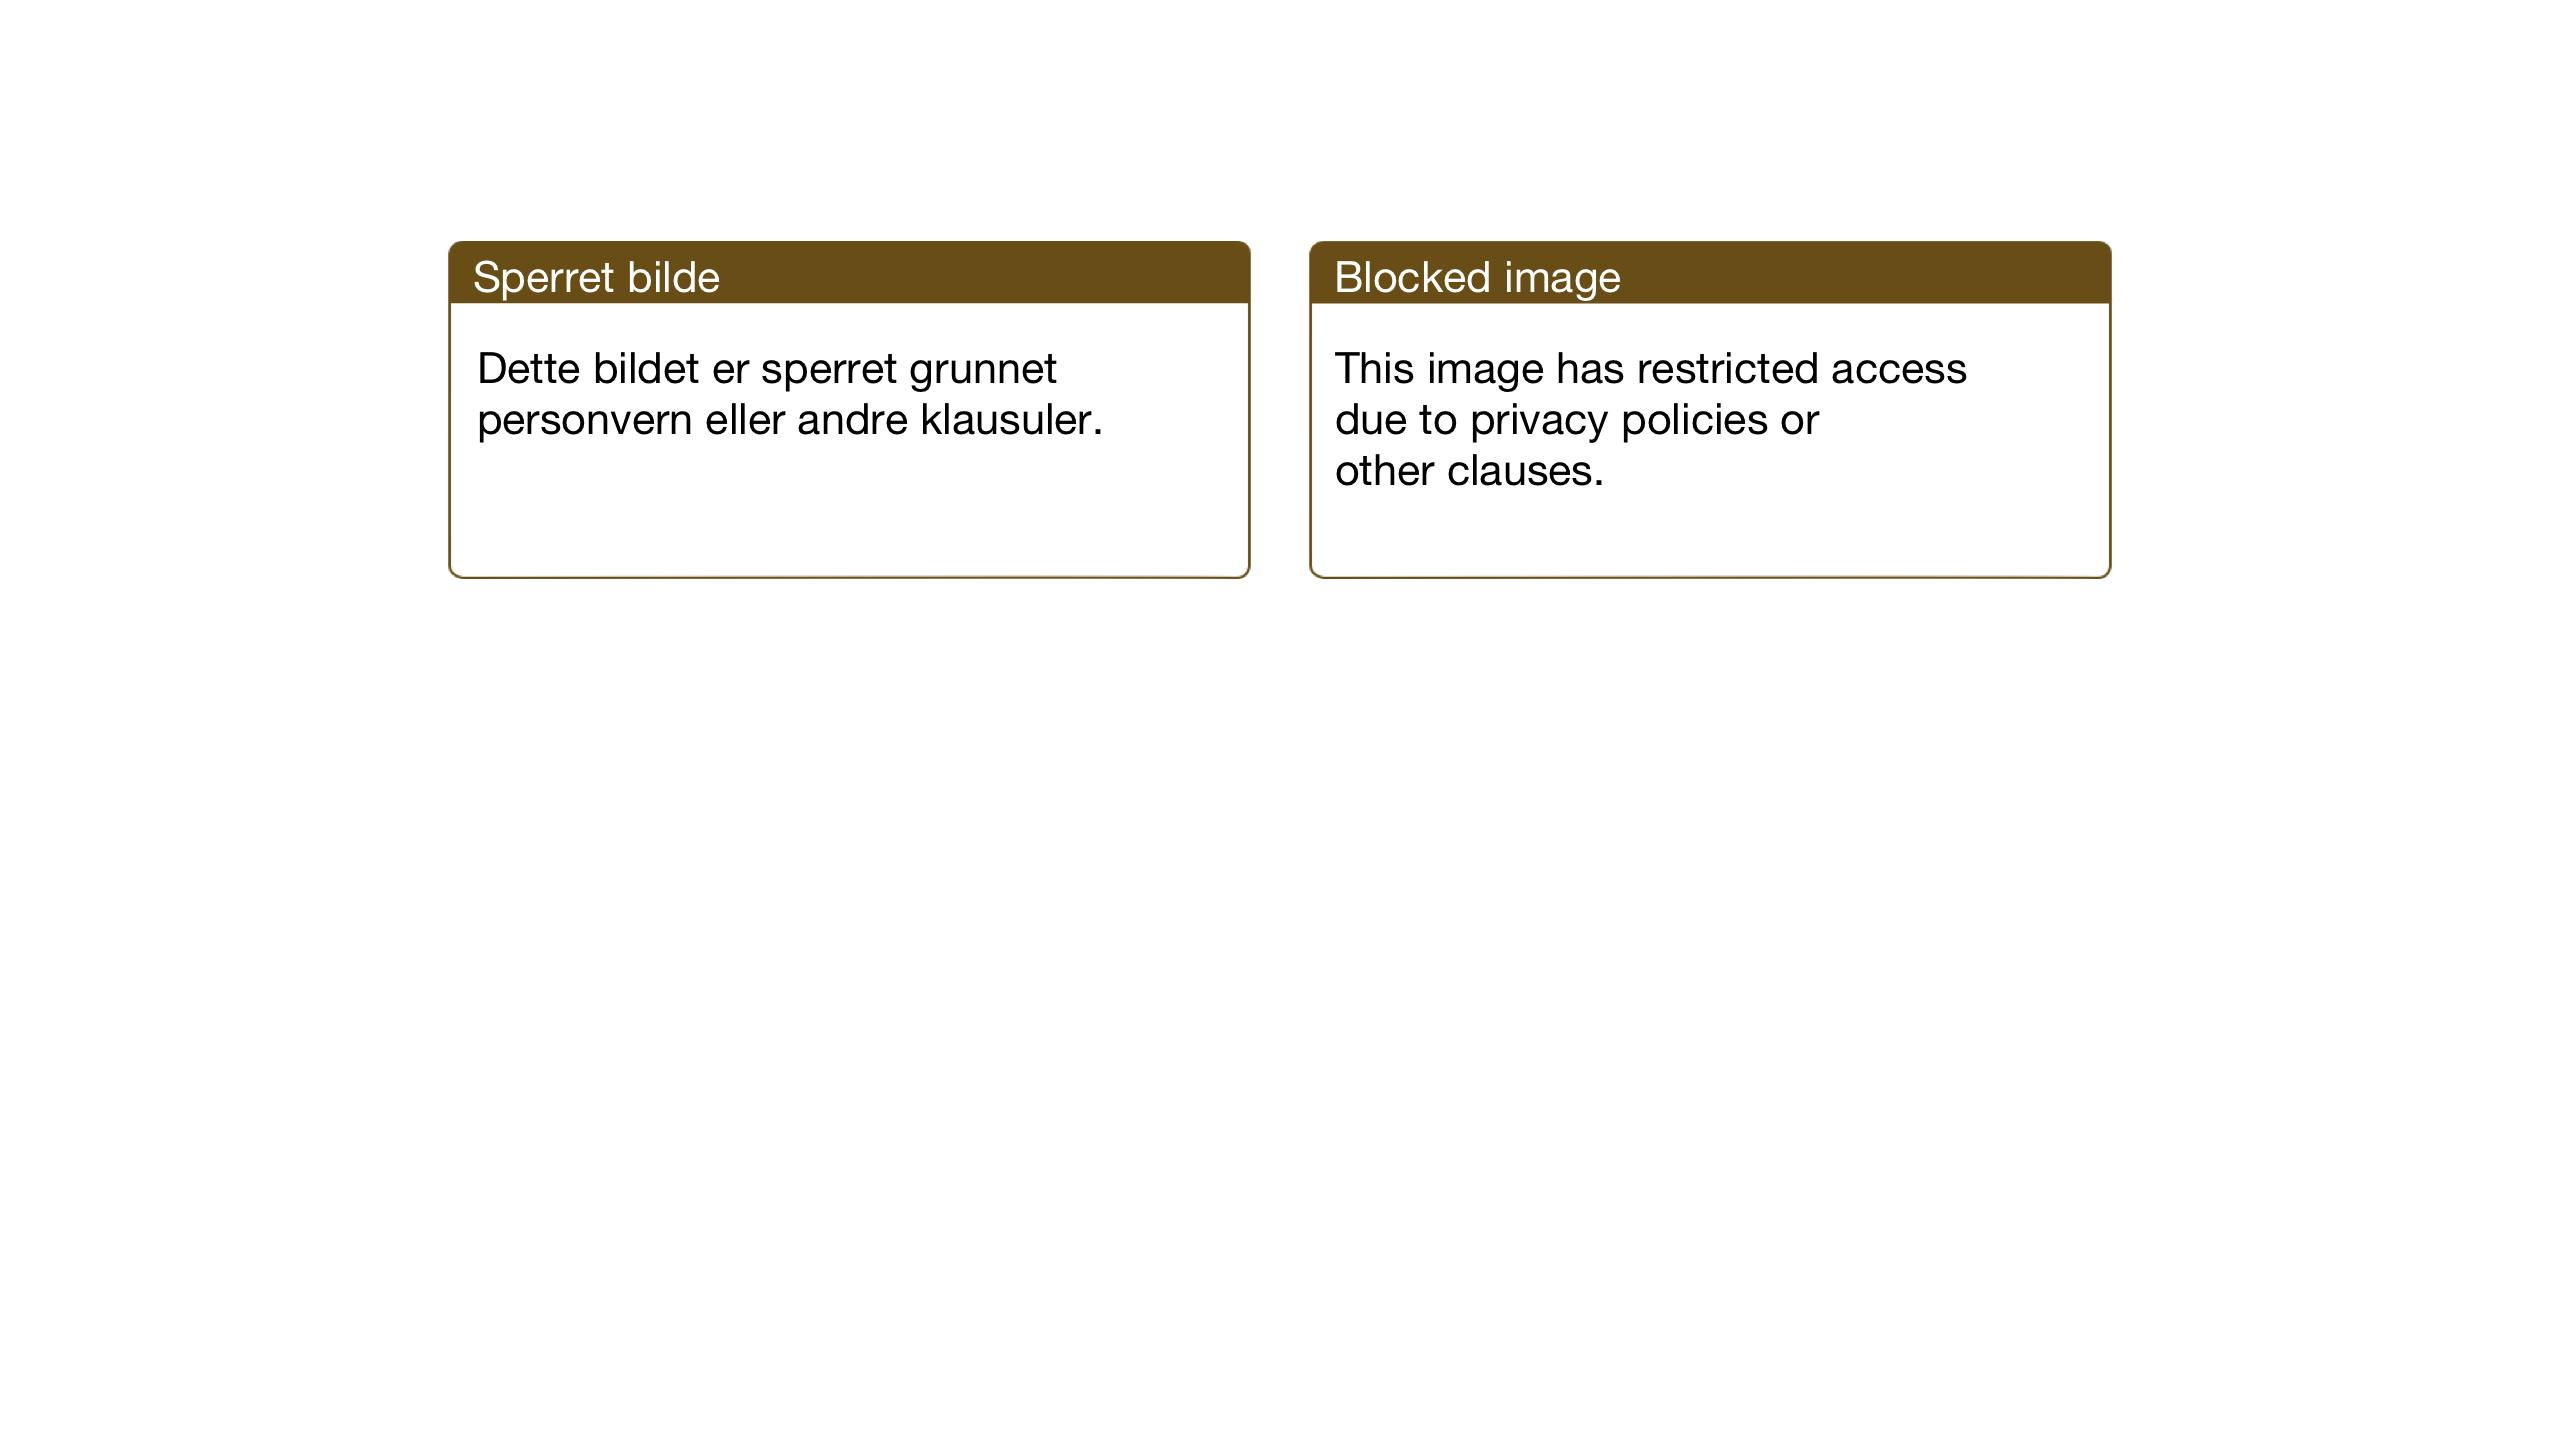 SAT, Ministerialprotokoller, klokkerbøker og fødselsregistre - Sør-Trøndelag, 607/L0328: Klokkerbok nr. 607C02, 1940-1948, s. 182